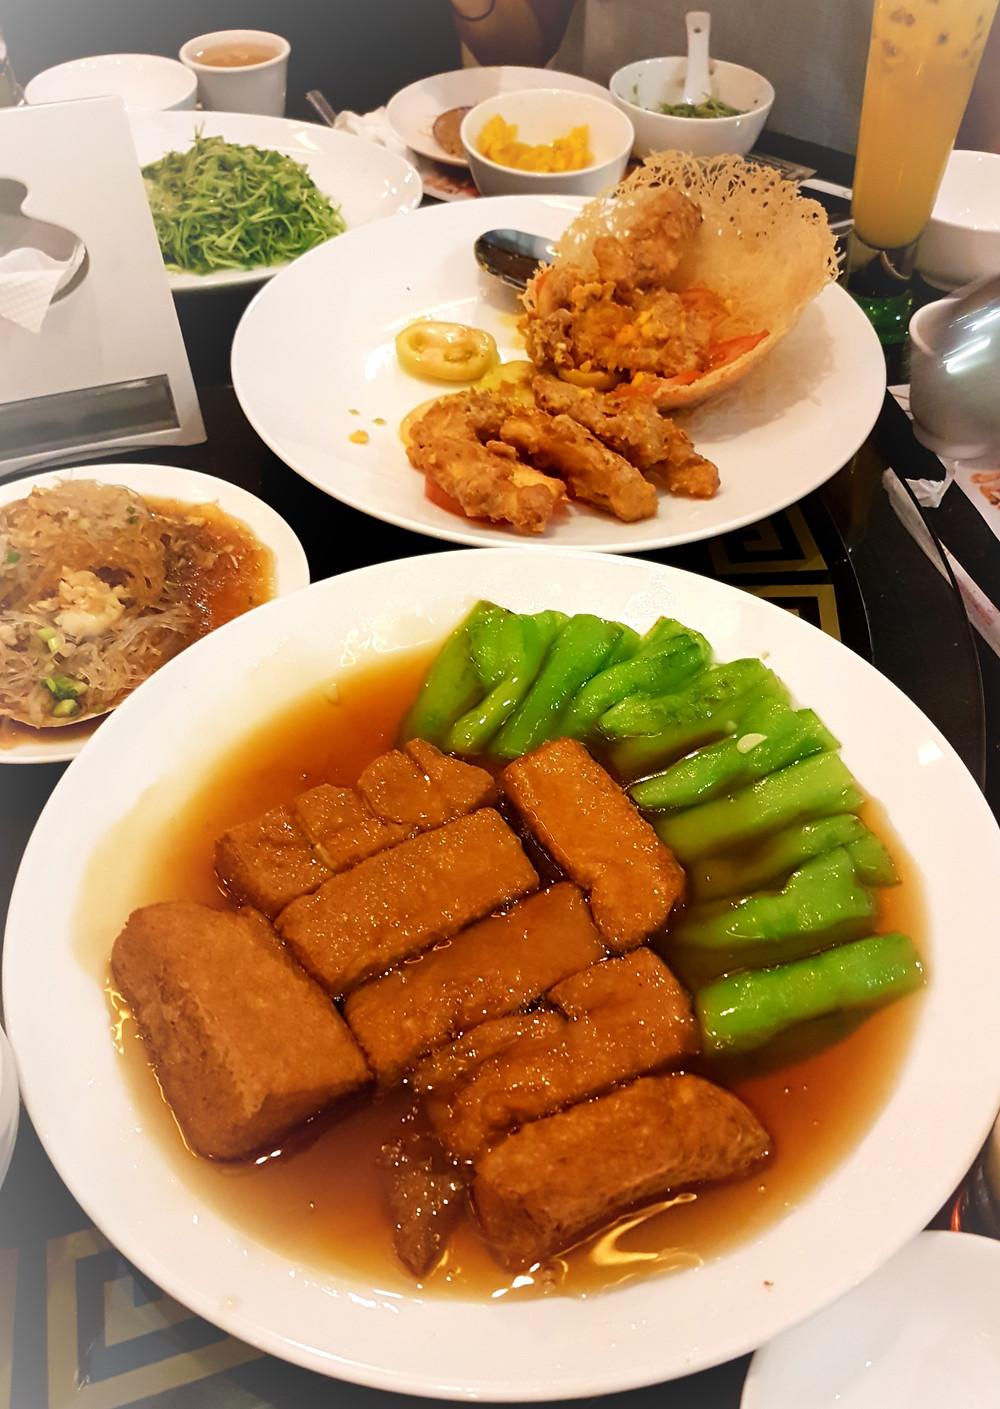 Tofu, jedzenie, talerze, posiłek, stół, miski, warzywa